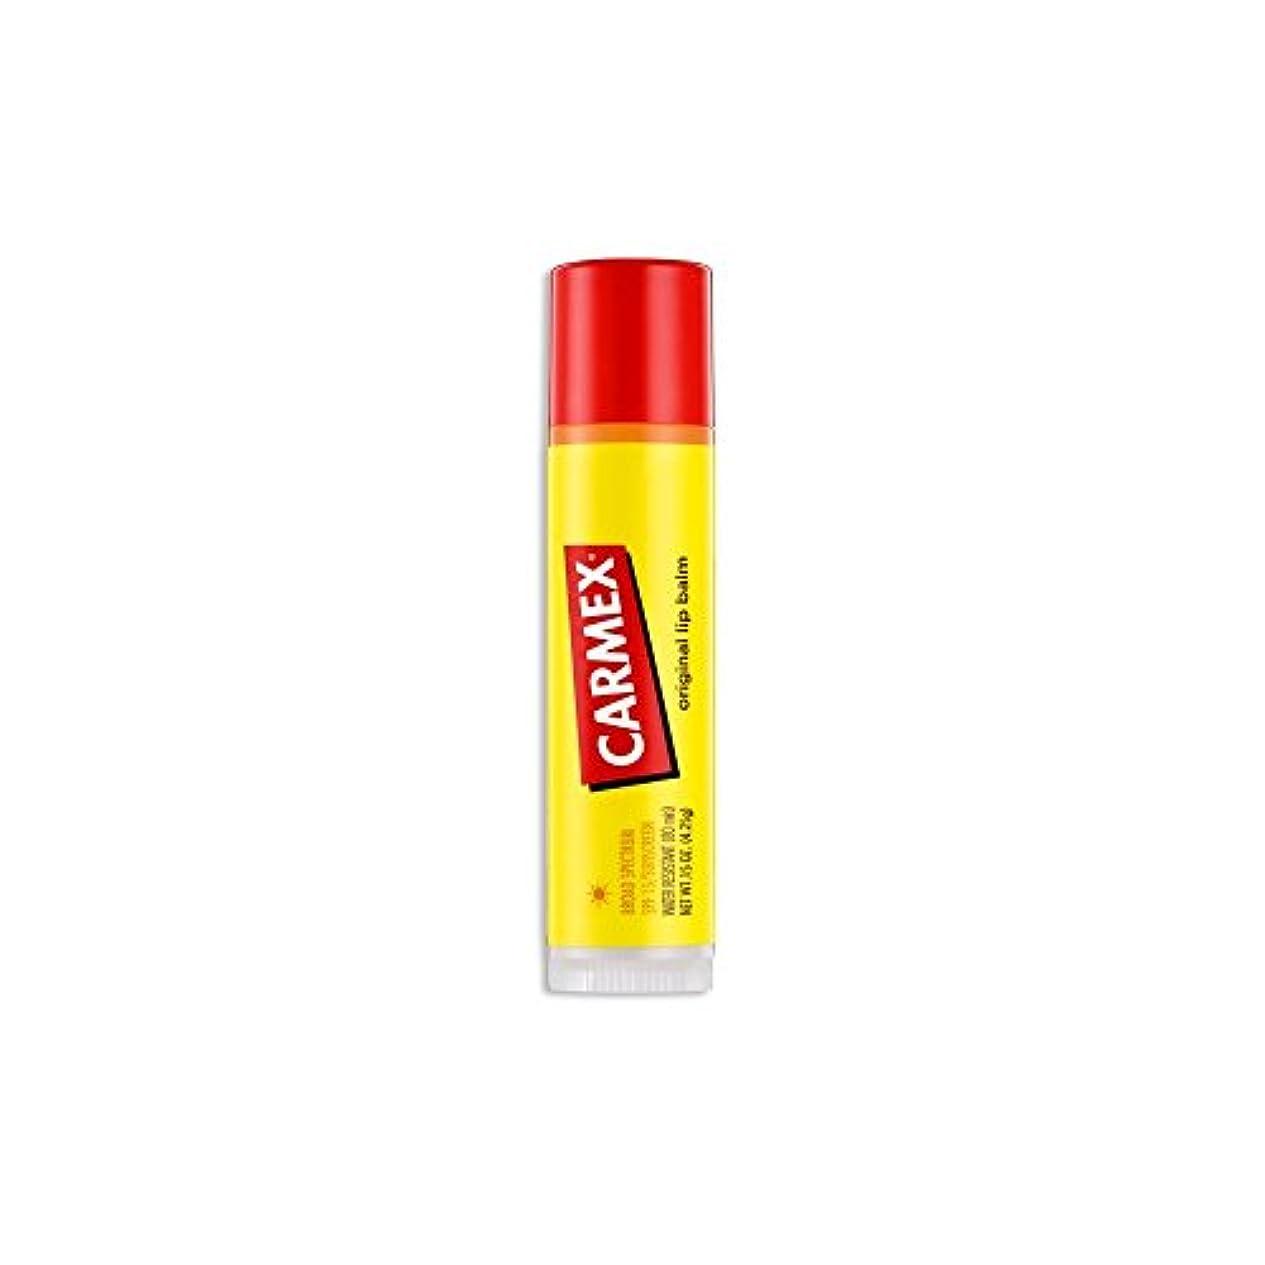 液化する馬鹿げた進む(3 Pack) CARMEX Original Flavor Sticks Original (並行輸入品)